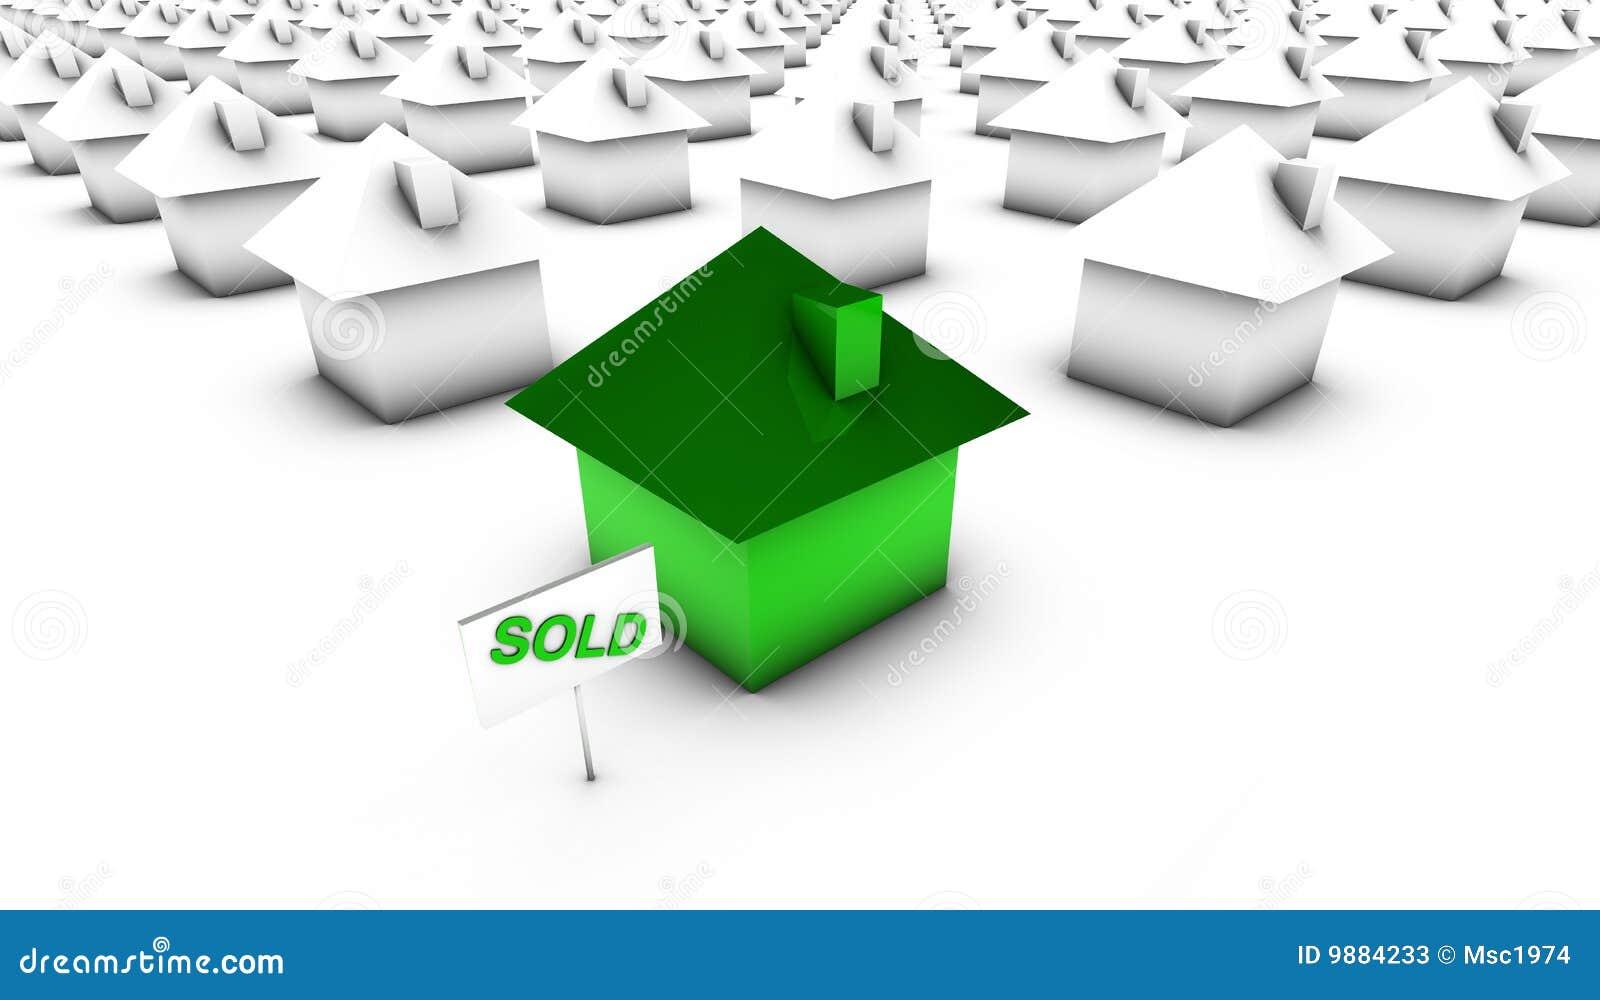 Vendido - verde con blanco